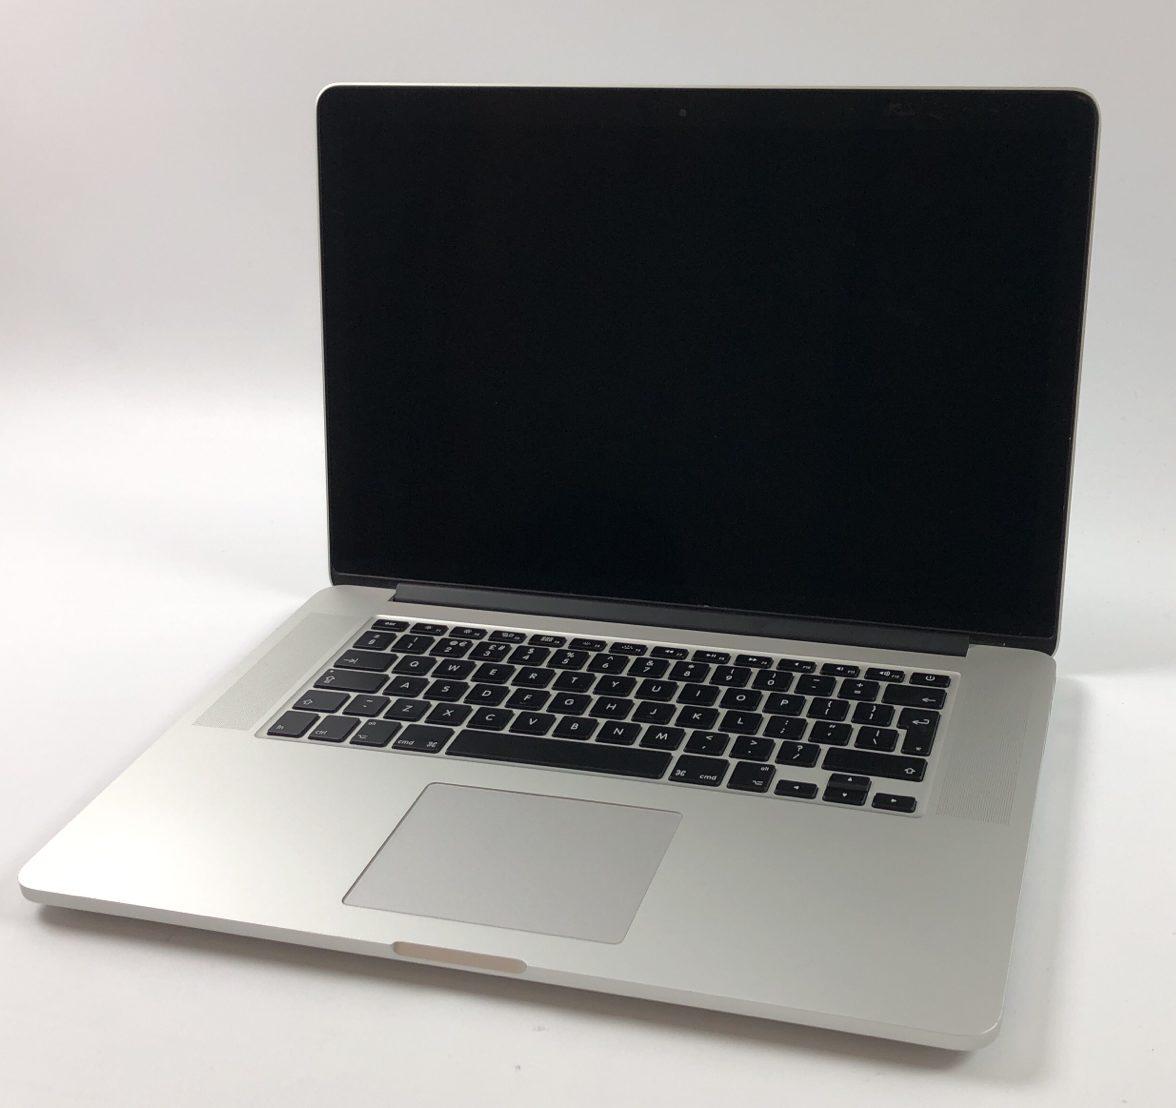 """MacBook Pro Retina 15"""" Mid 2015 (Intel Quad-Core i7 2.2 GHz 16 GB RAM 256 GB SSD), Intel Quad-Core i7 2.2 GHz, 16 GB RAM, 256 GB SSD, imagen 1"""